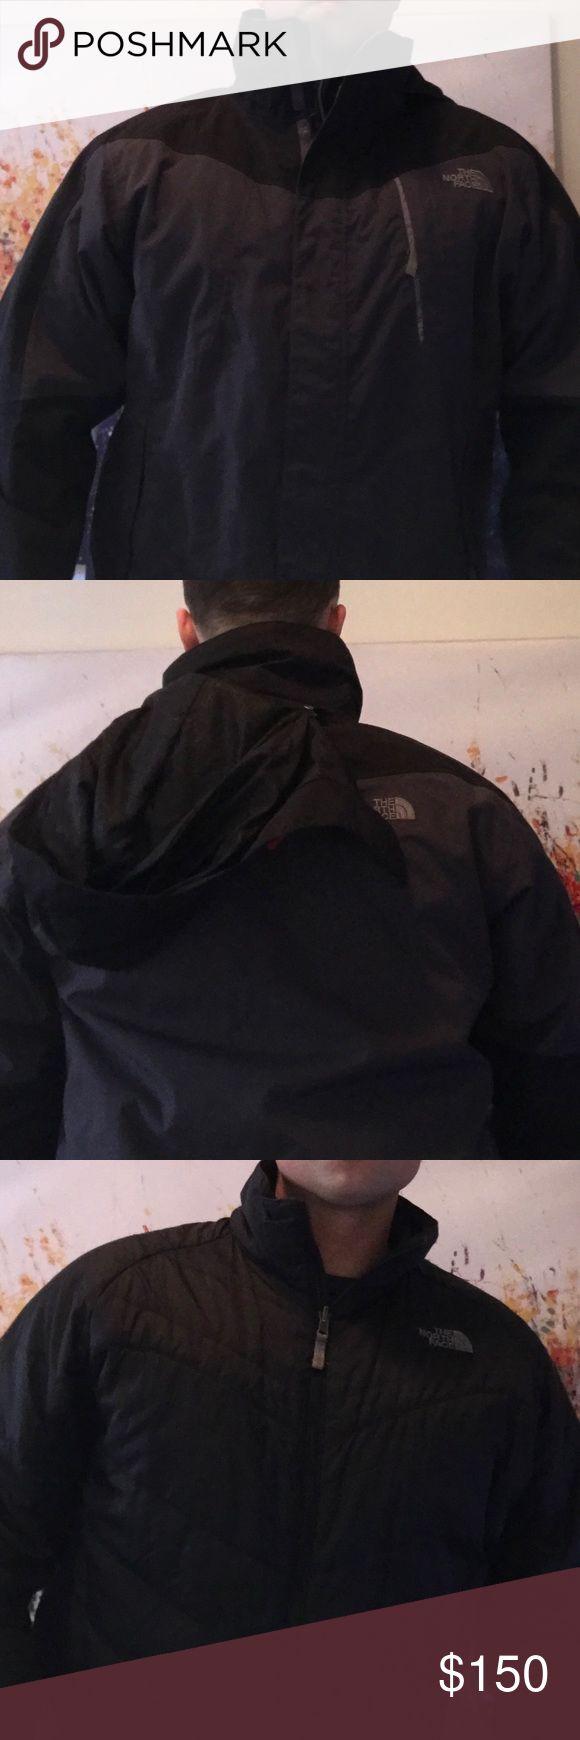 North Face Men's Ski jacket - shell and filler Men's ski jacket - has the detachable inner filler and shell North Face Jackets & Coats Ski & Snowboard